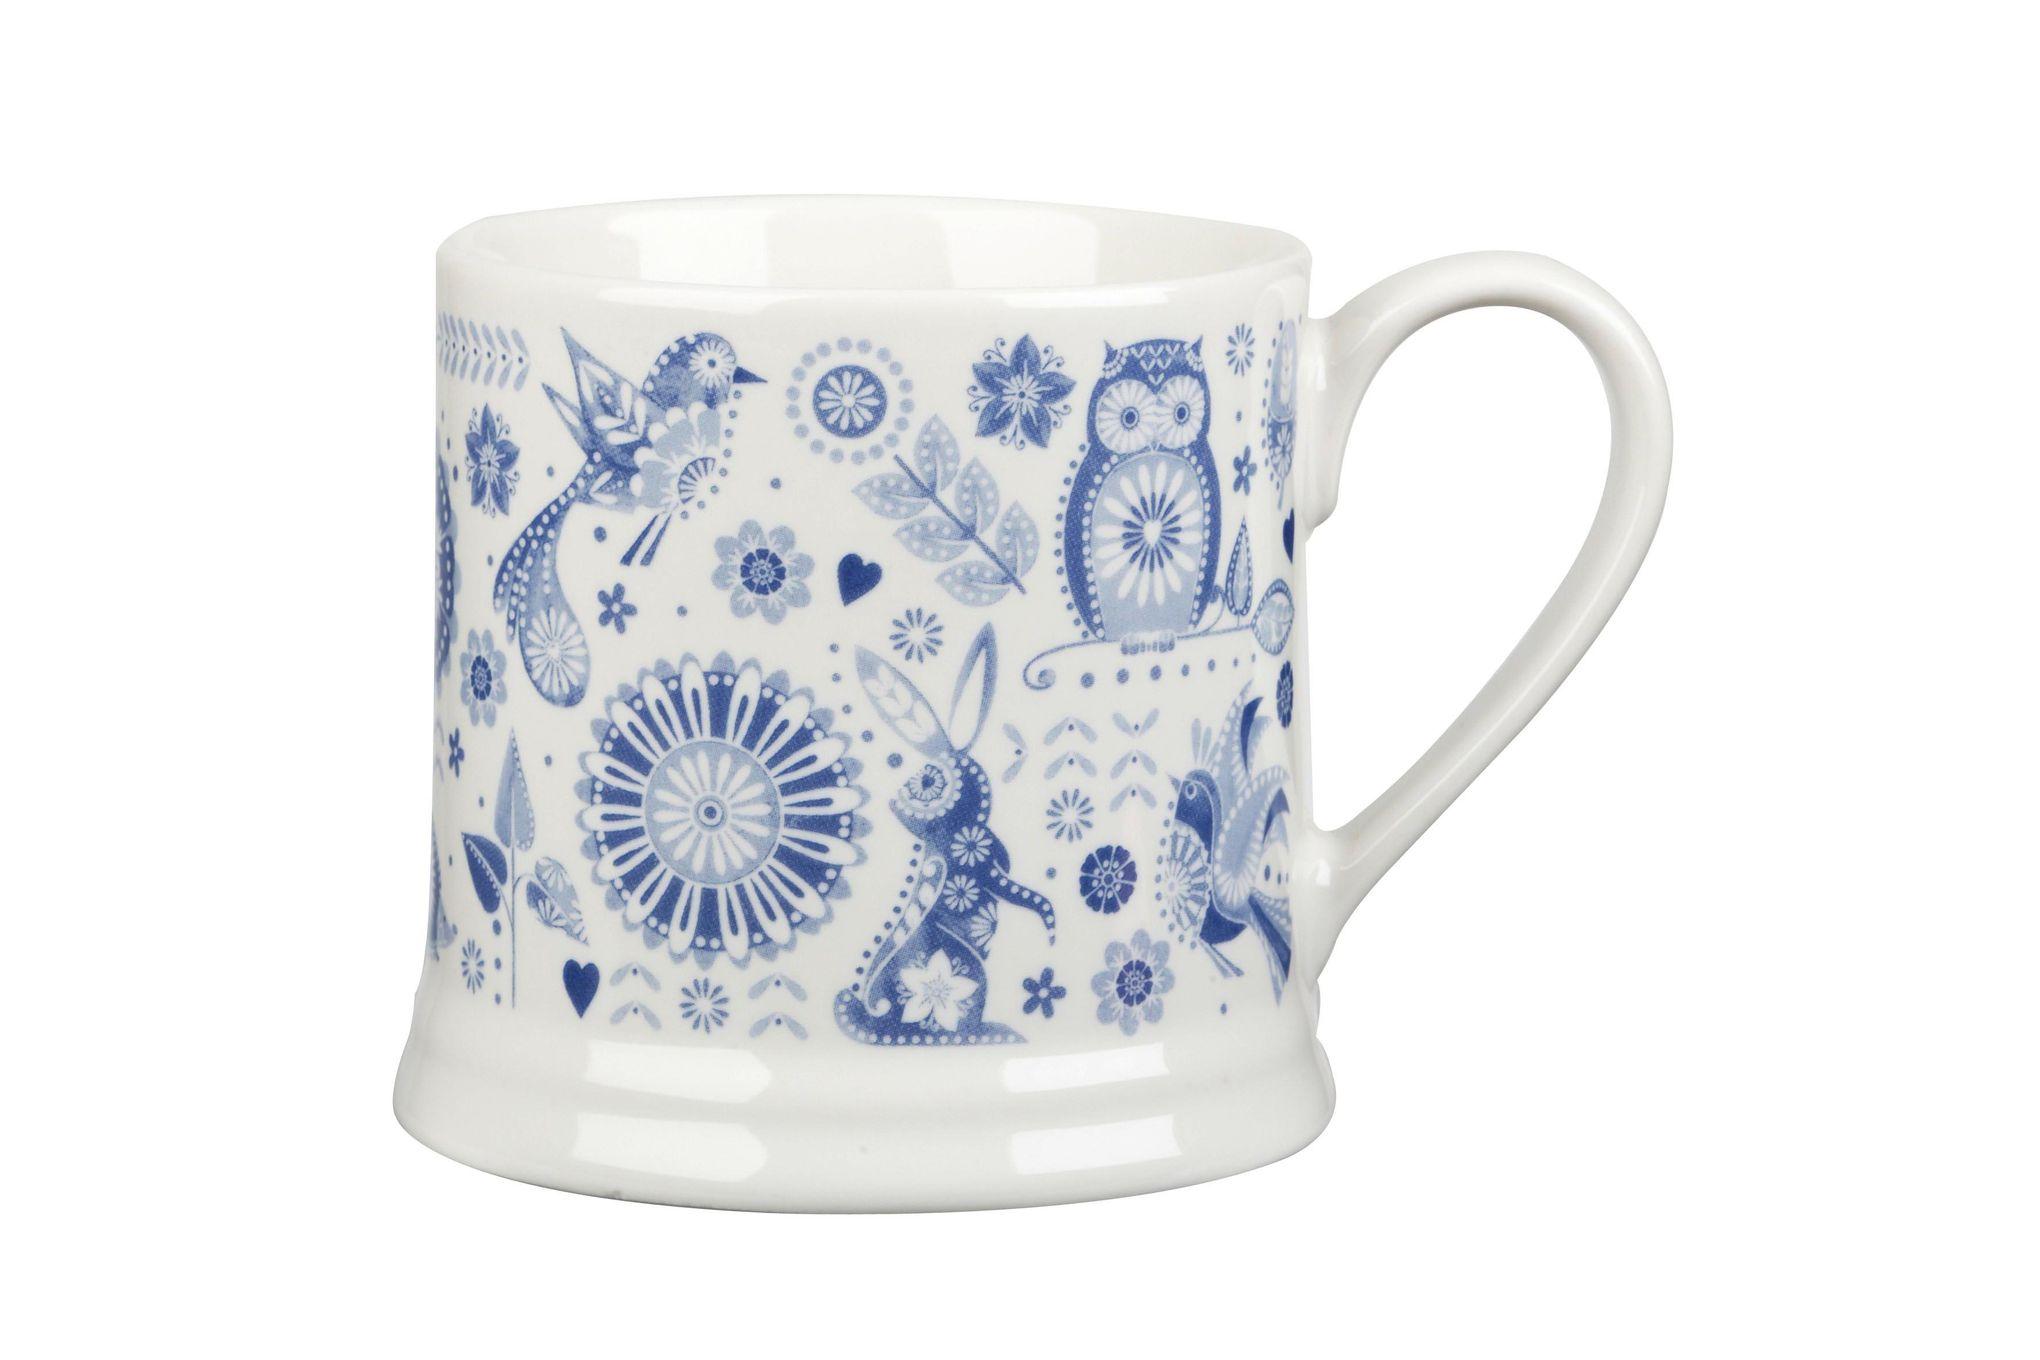 Churchill Penzance Mug Midi Elm mug thumb 1